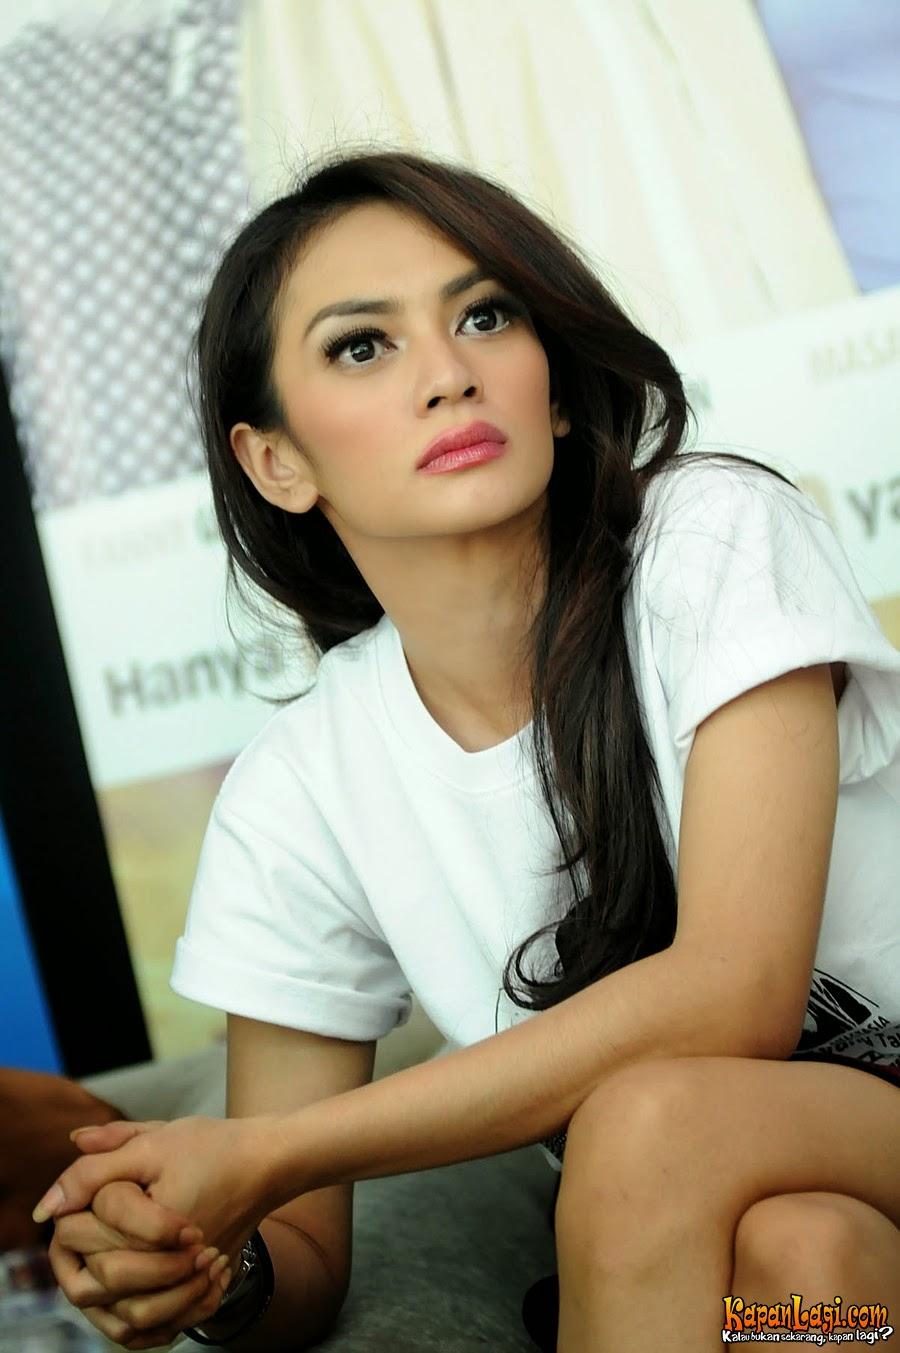 Foto Wajah Hot Cewek STW Indonesia | HRdetik